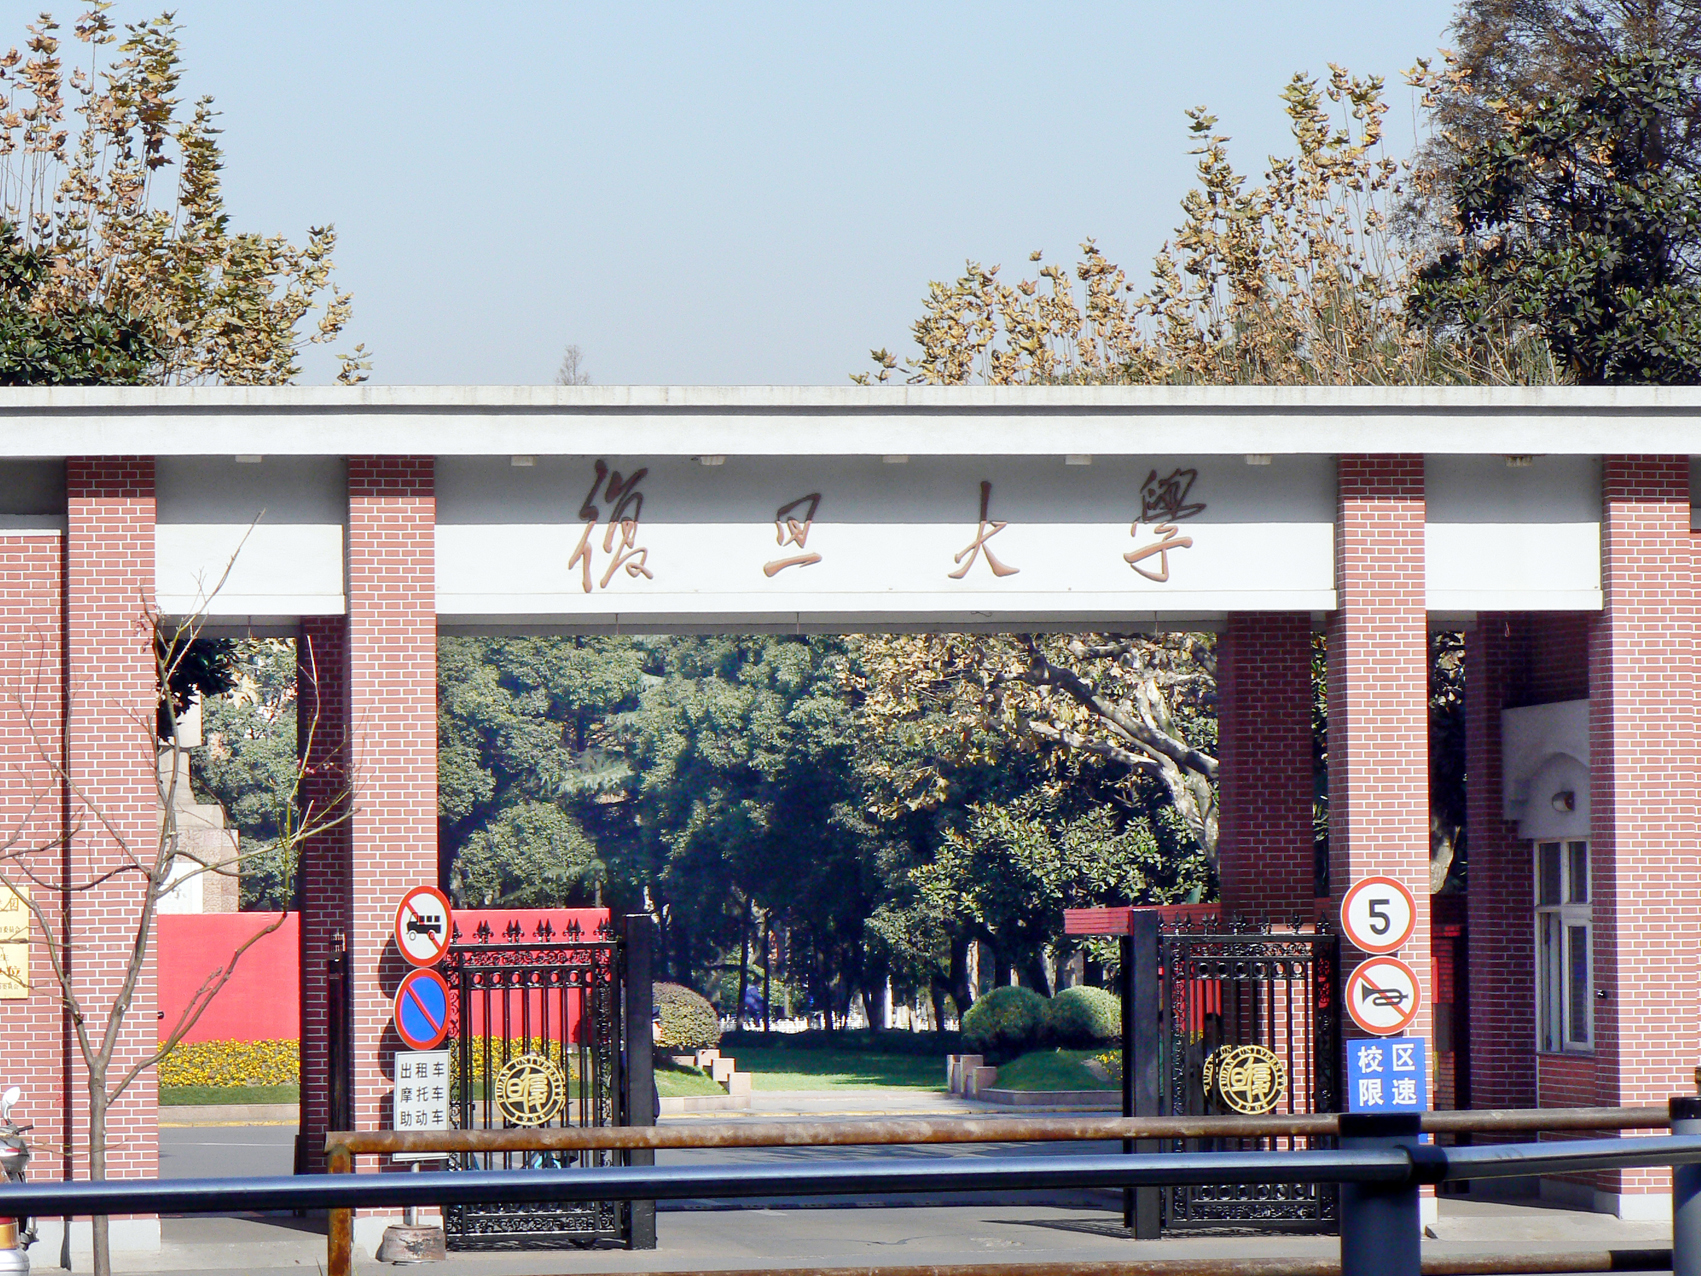 上海復旦大學照明改造